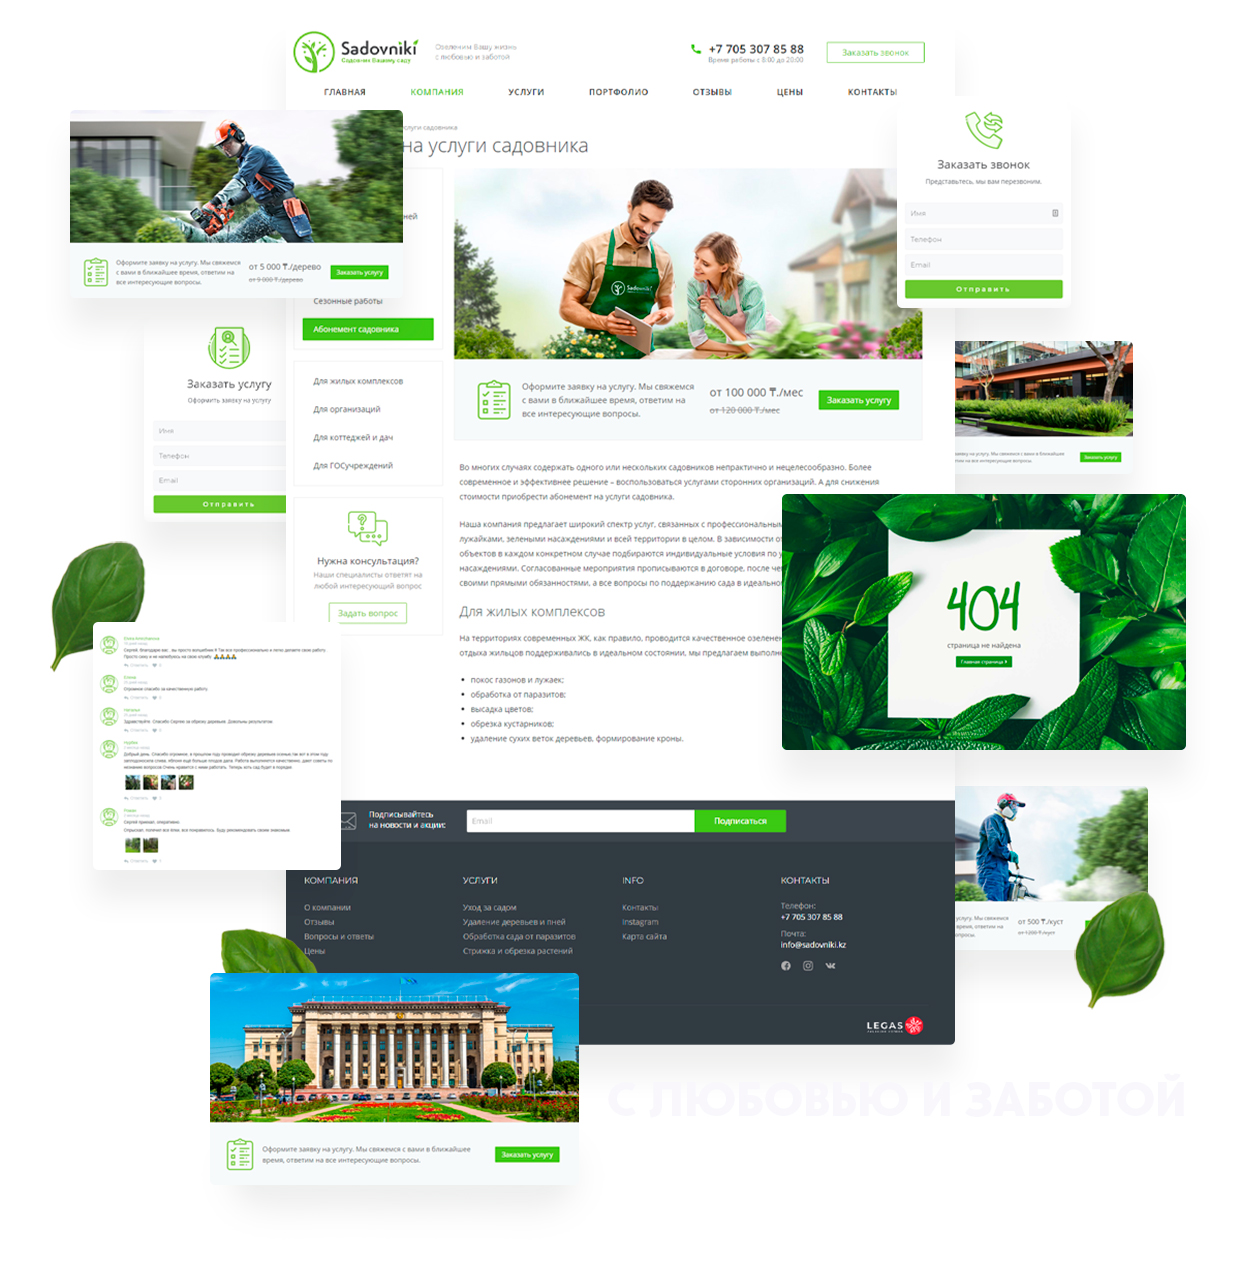 Sadovniki.kz Презентация сайта - Компания «Sadovniki.kz» — команда профессиональных арбористов, готовых к выполнению работ любой сложности.